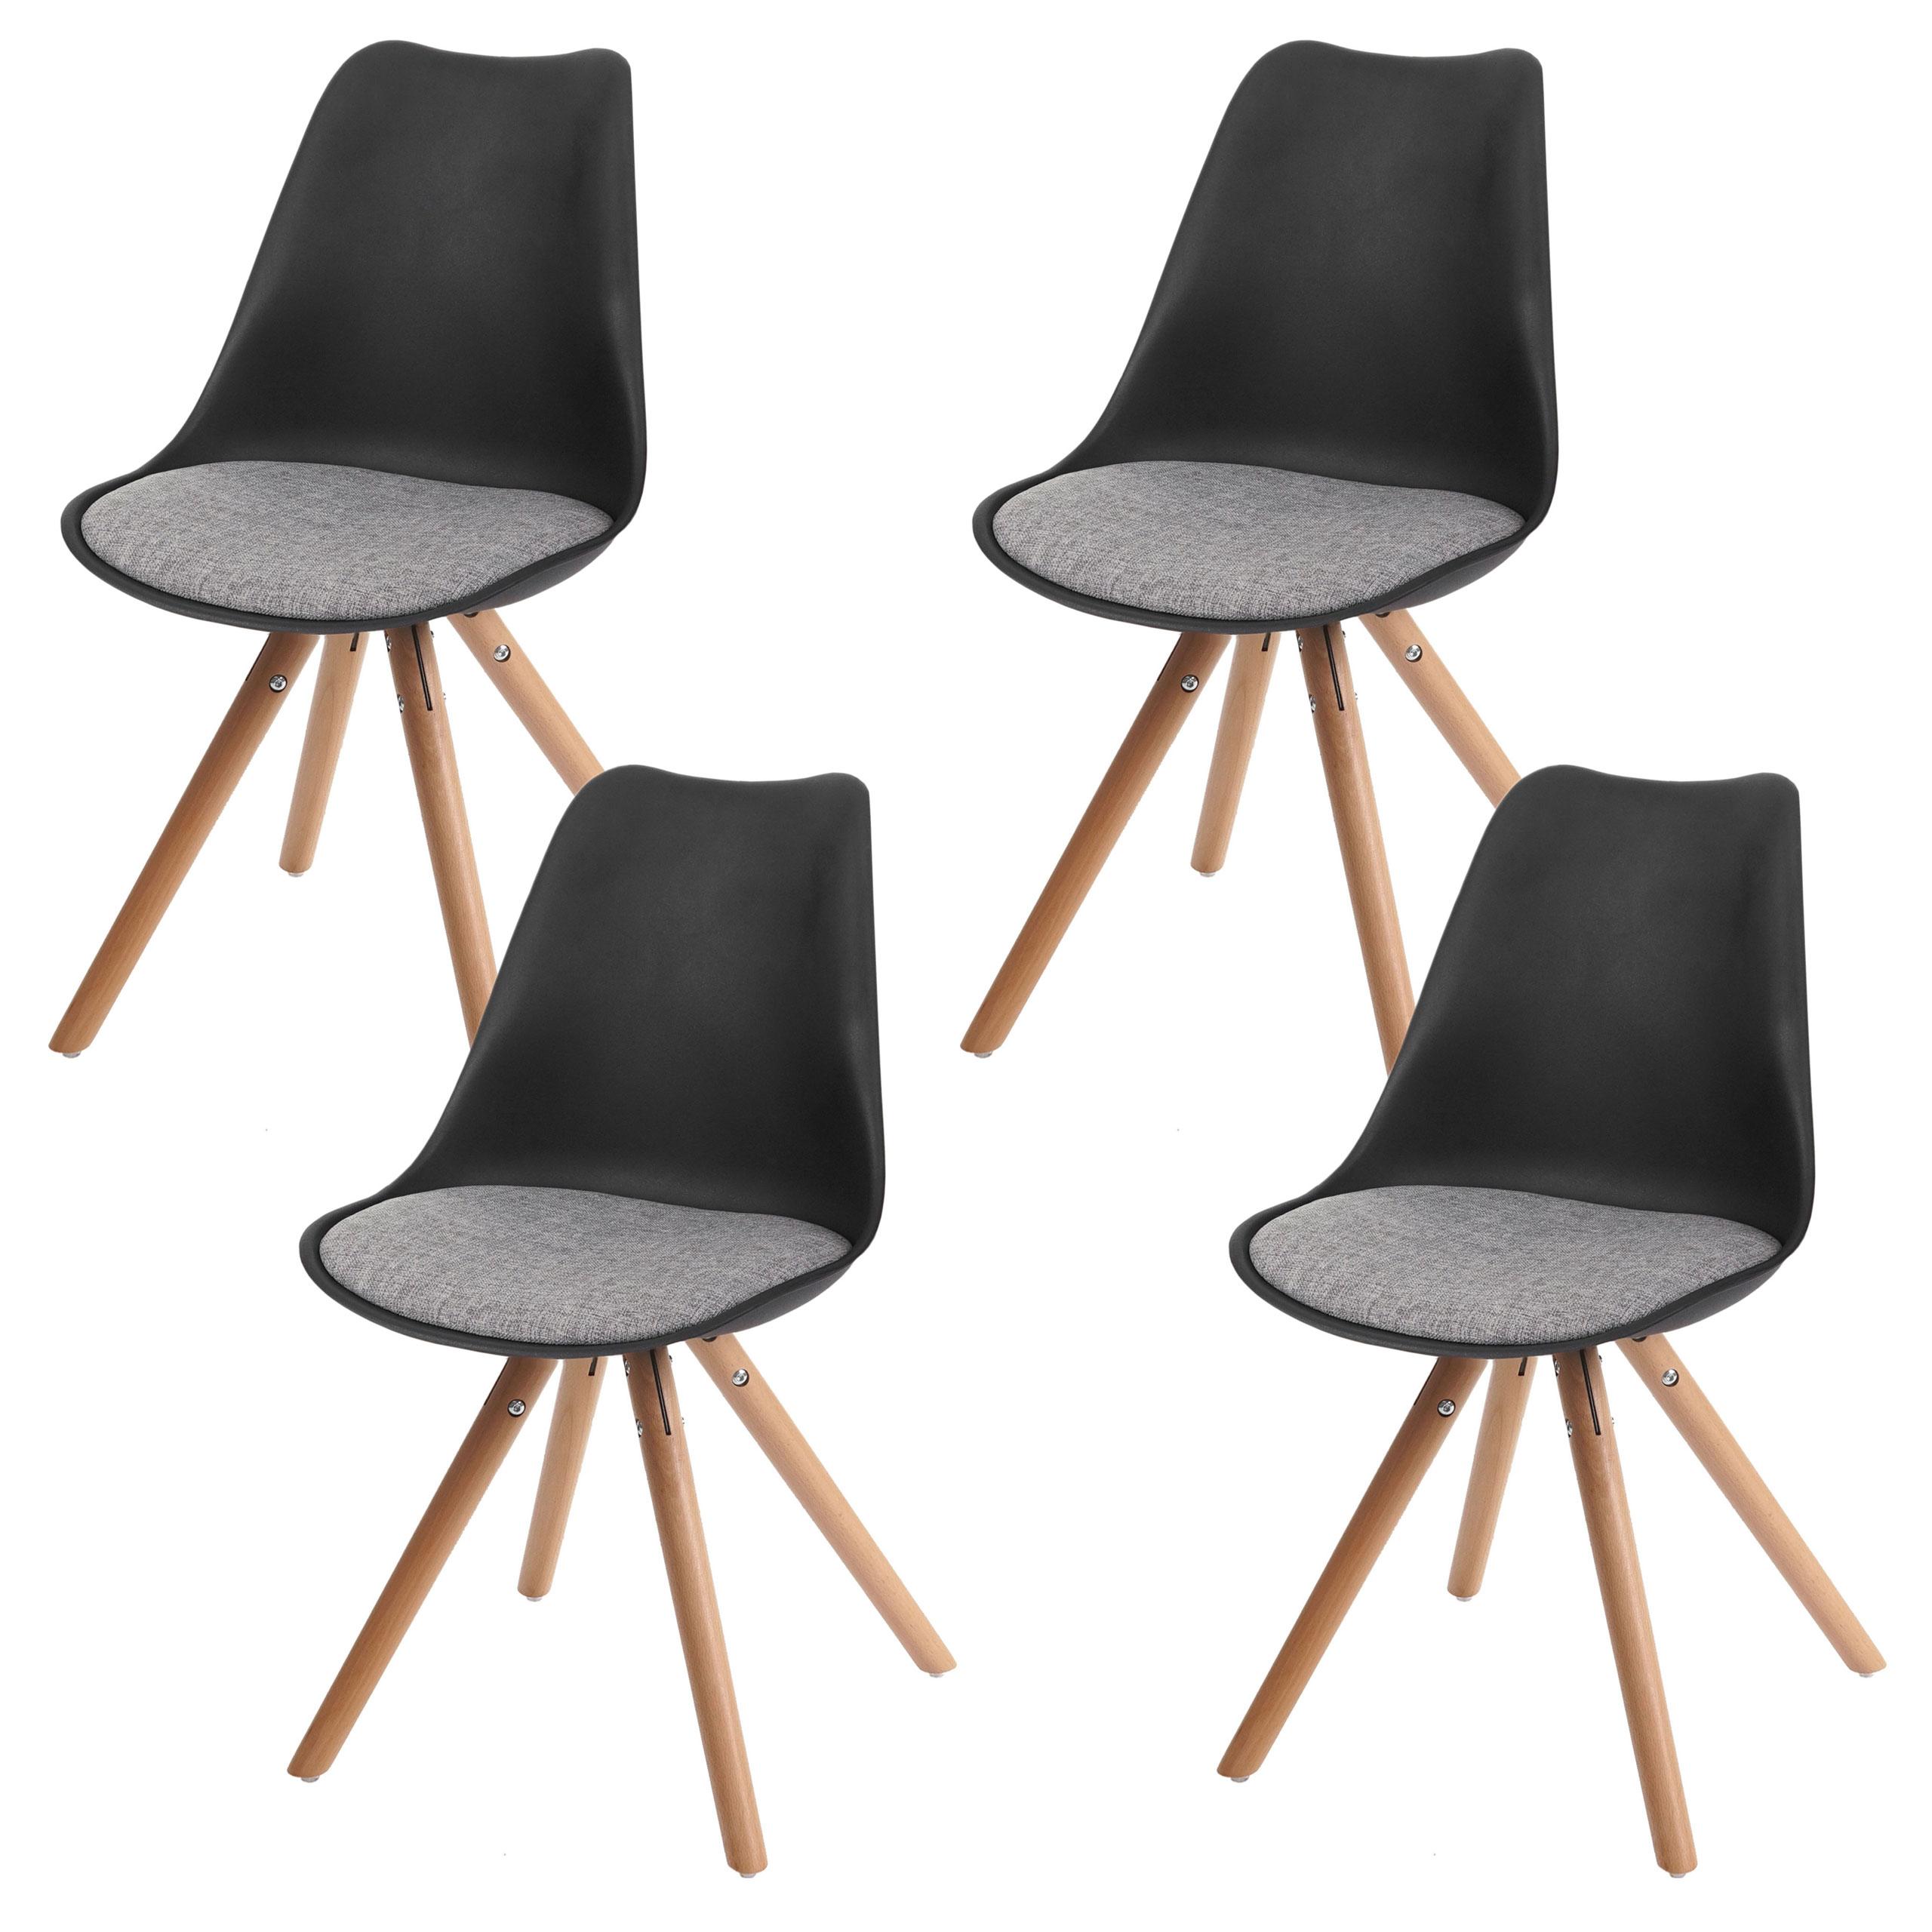 Bezaubernd Esszimmerstühle Türkis Galerie Von 4x Esszimmerstuhl Malmö T501, Retro Design ~